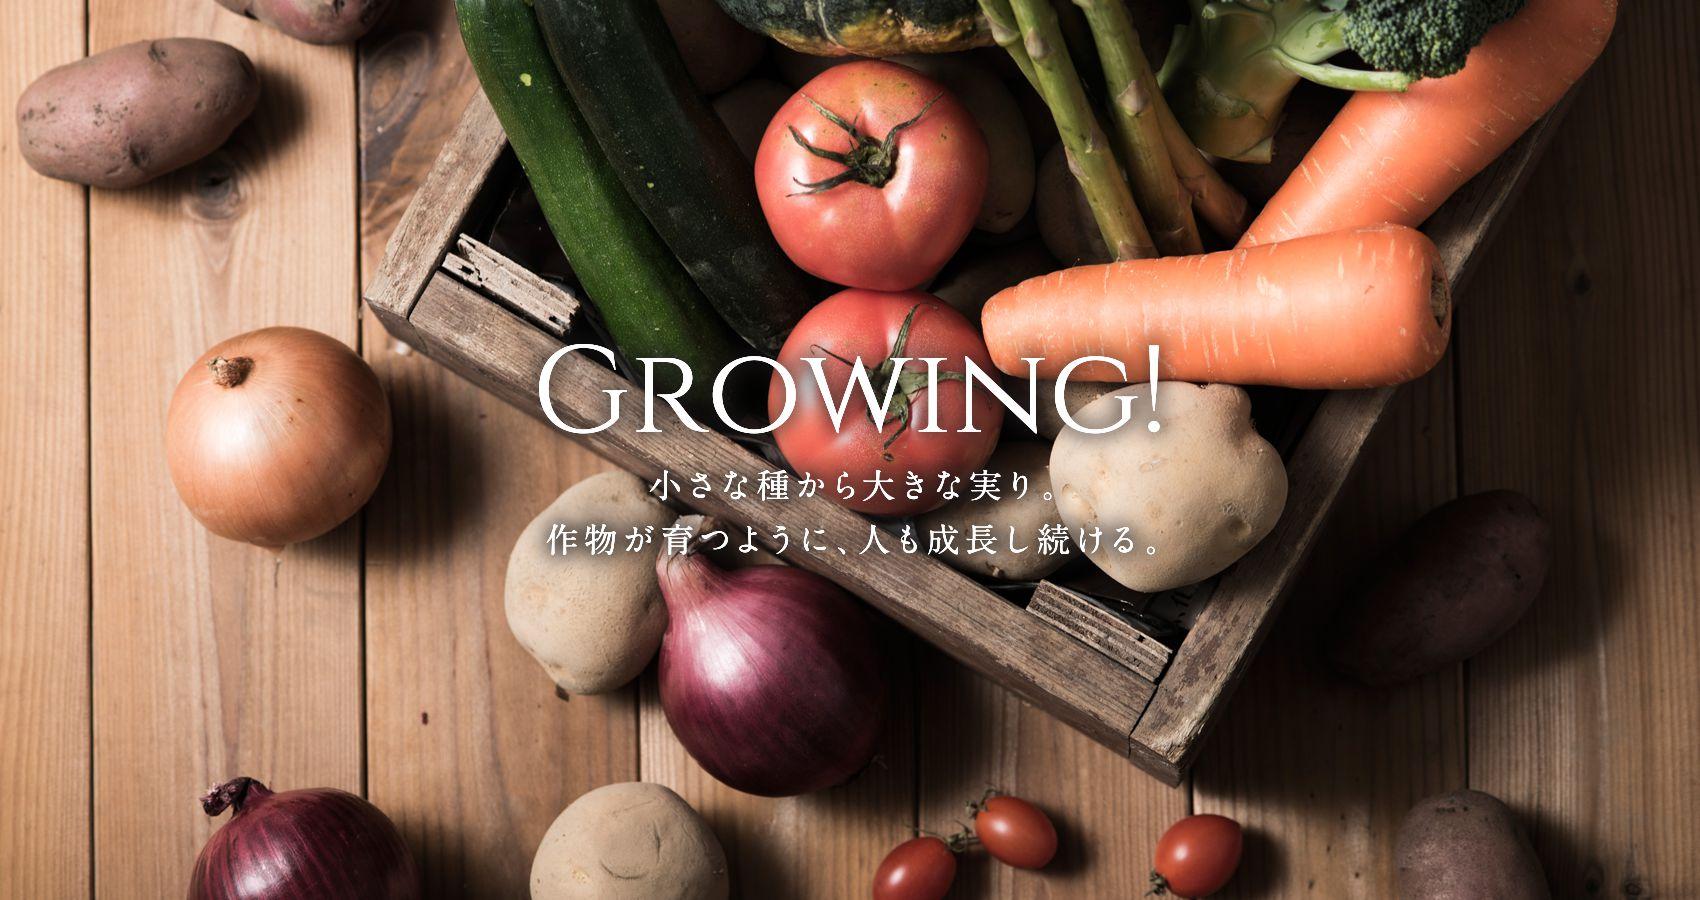 GROWING! 小さな種から大きな実り。作物が育つように、人も成長し続ける。